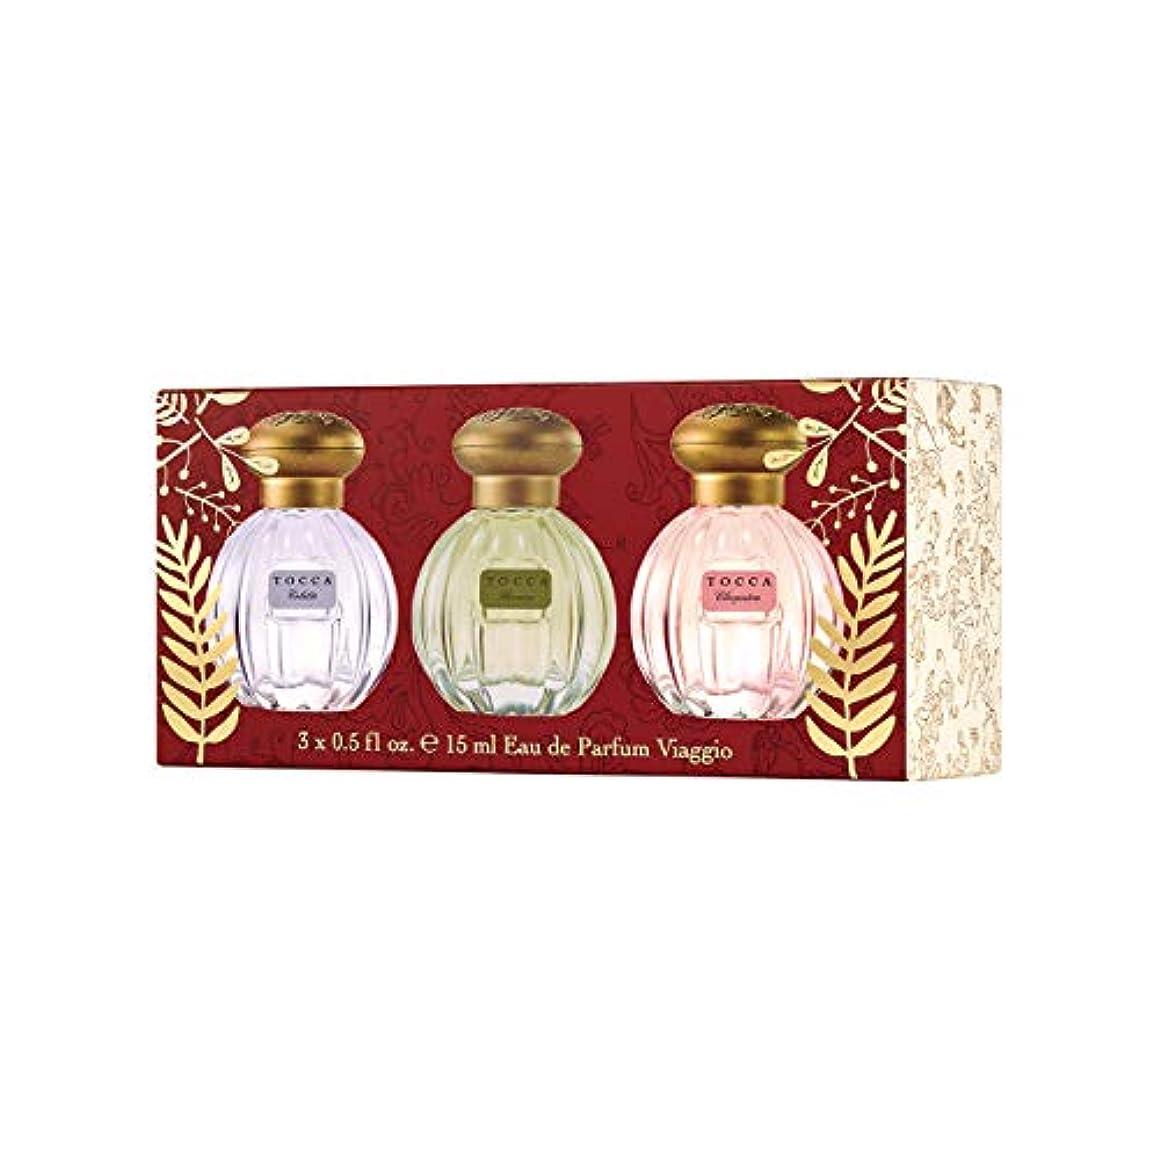 薄暗い無秩序とても多くのTOCCA ミニオードパルファムセットパルマ(小さな香水が3個入った贅沢ギフト)